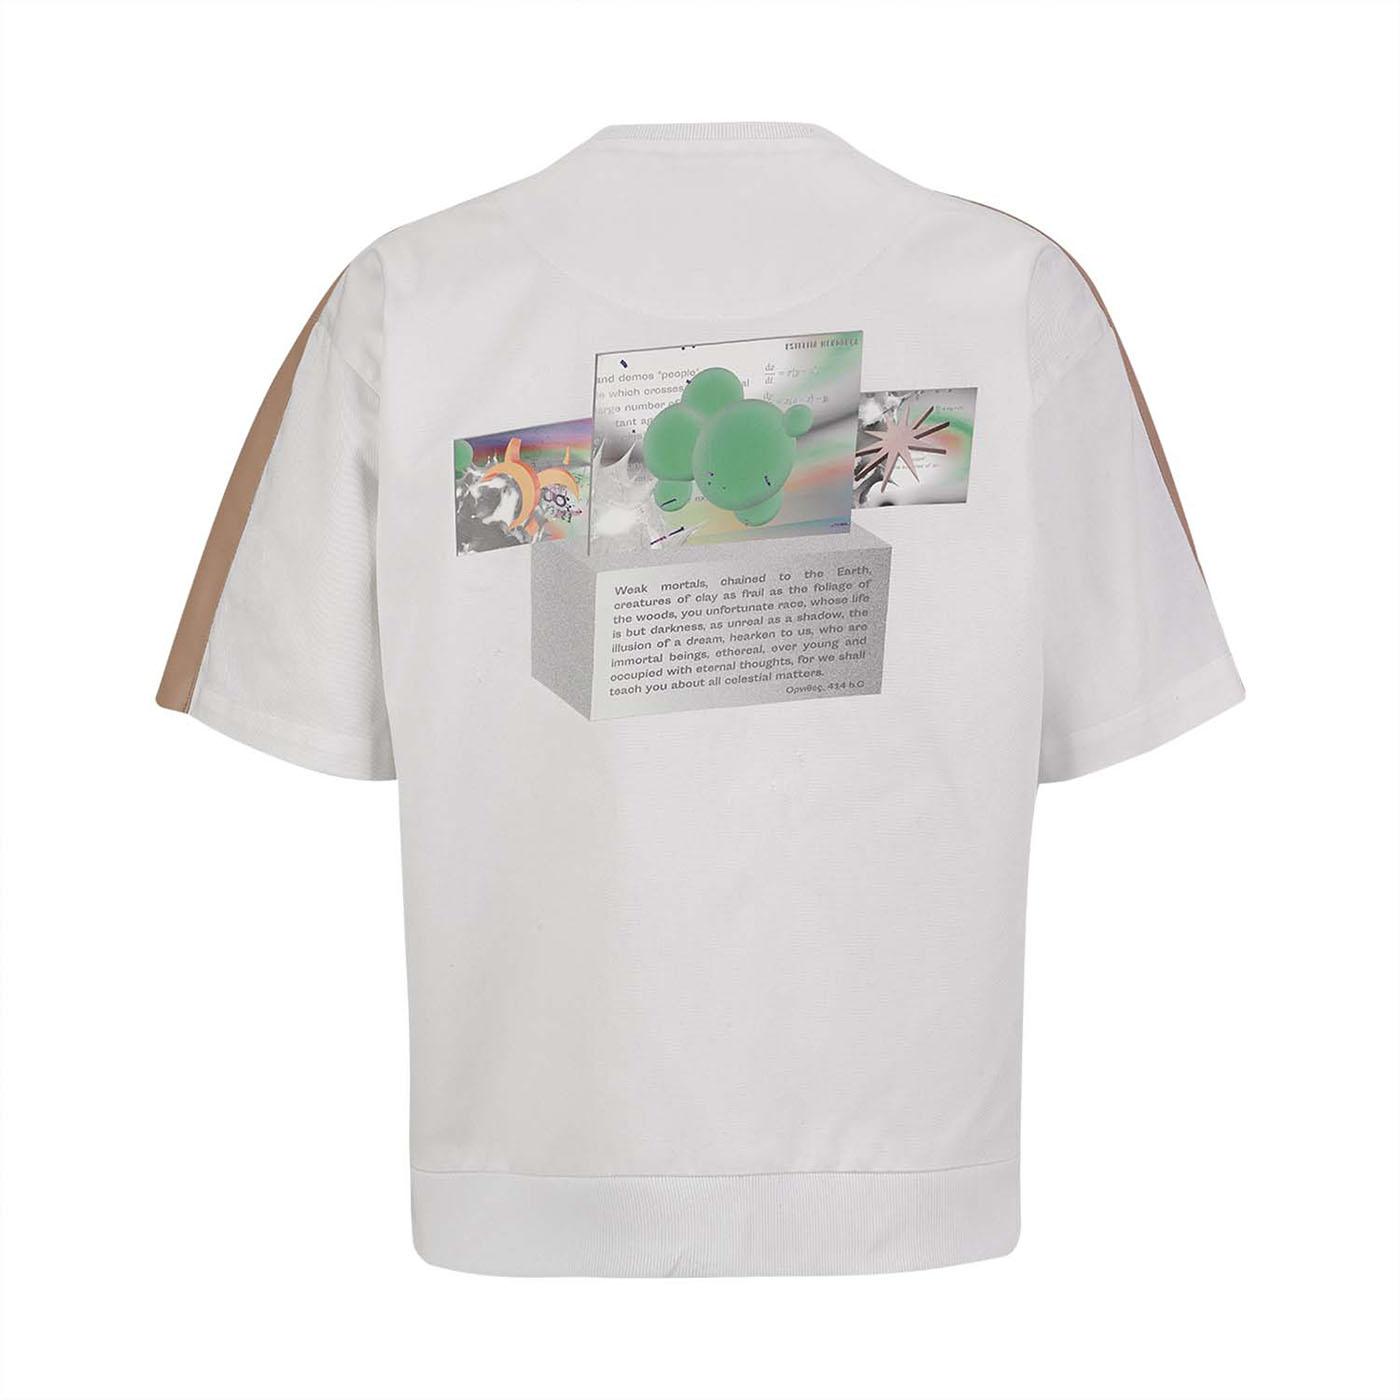 Mortals T-Shirt Estelita Mendonça